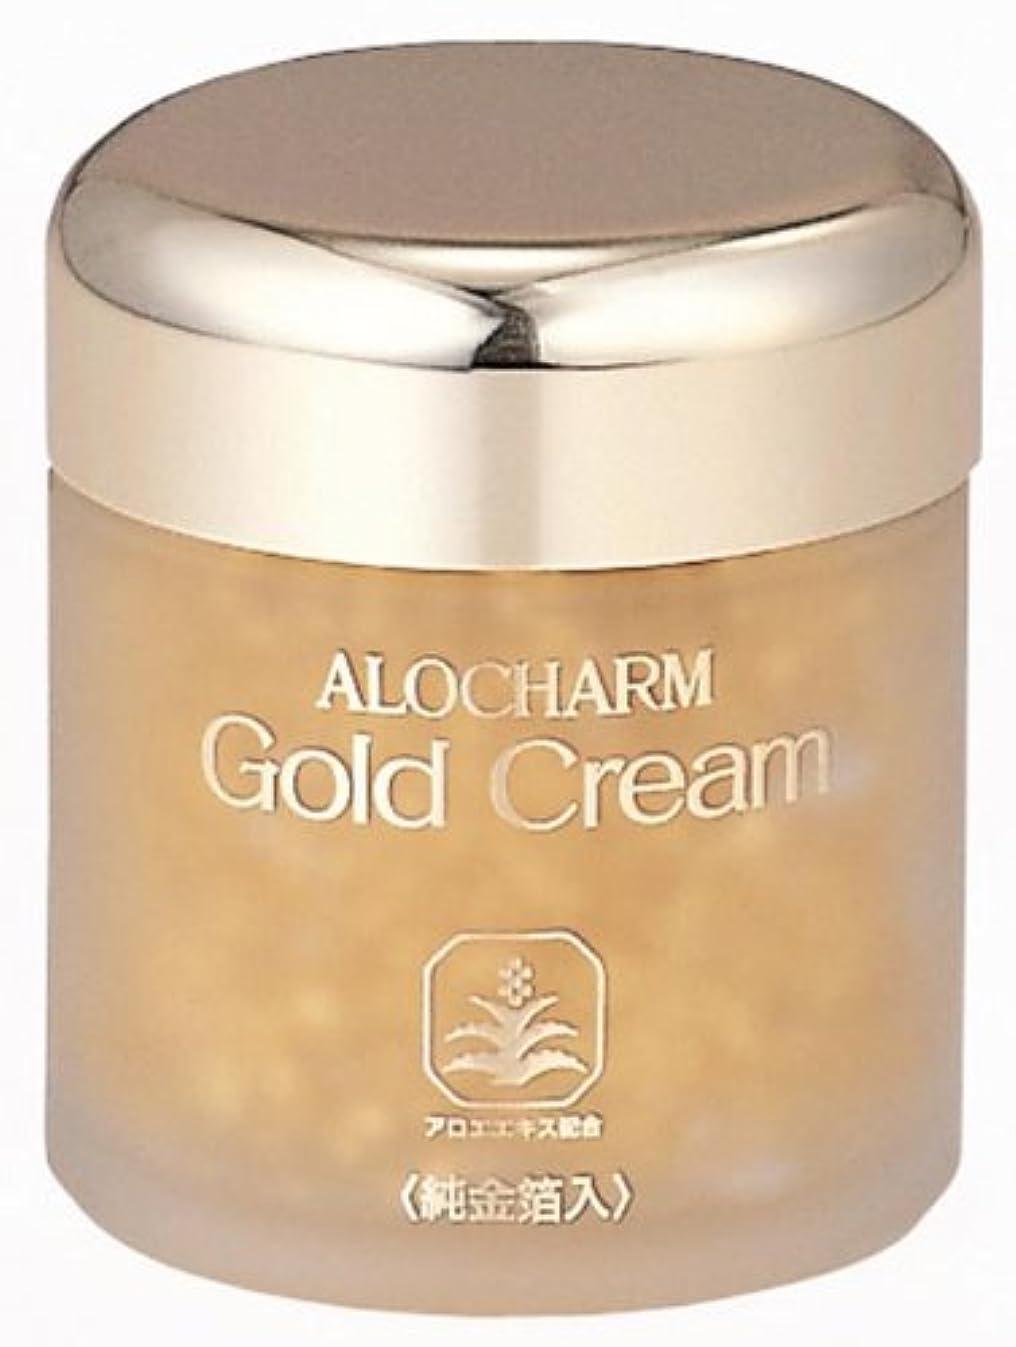 水銀の繊維団結するアロチャーム 純金箔入り ゴールドクリーム 65g